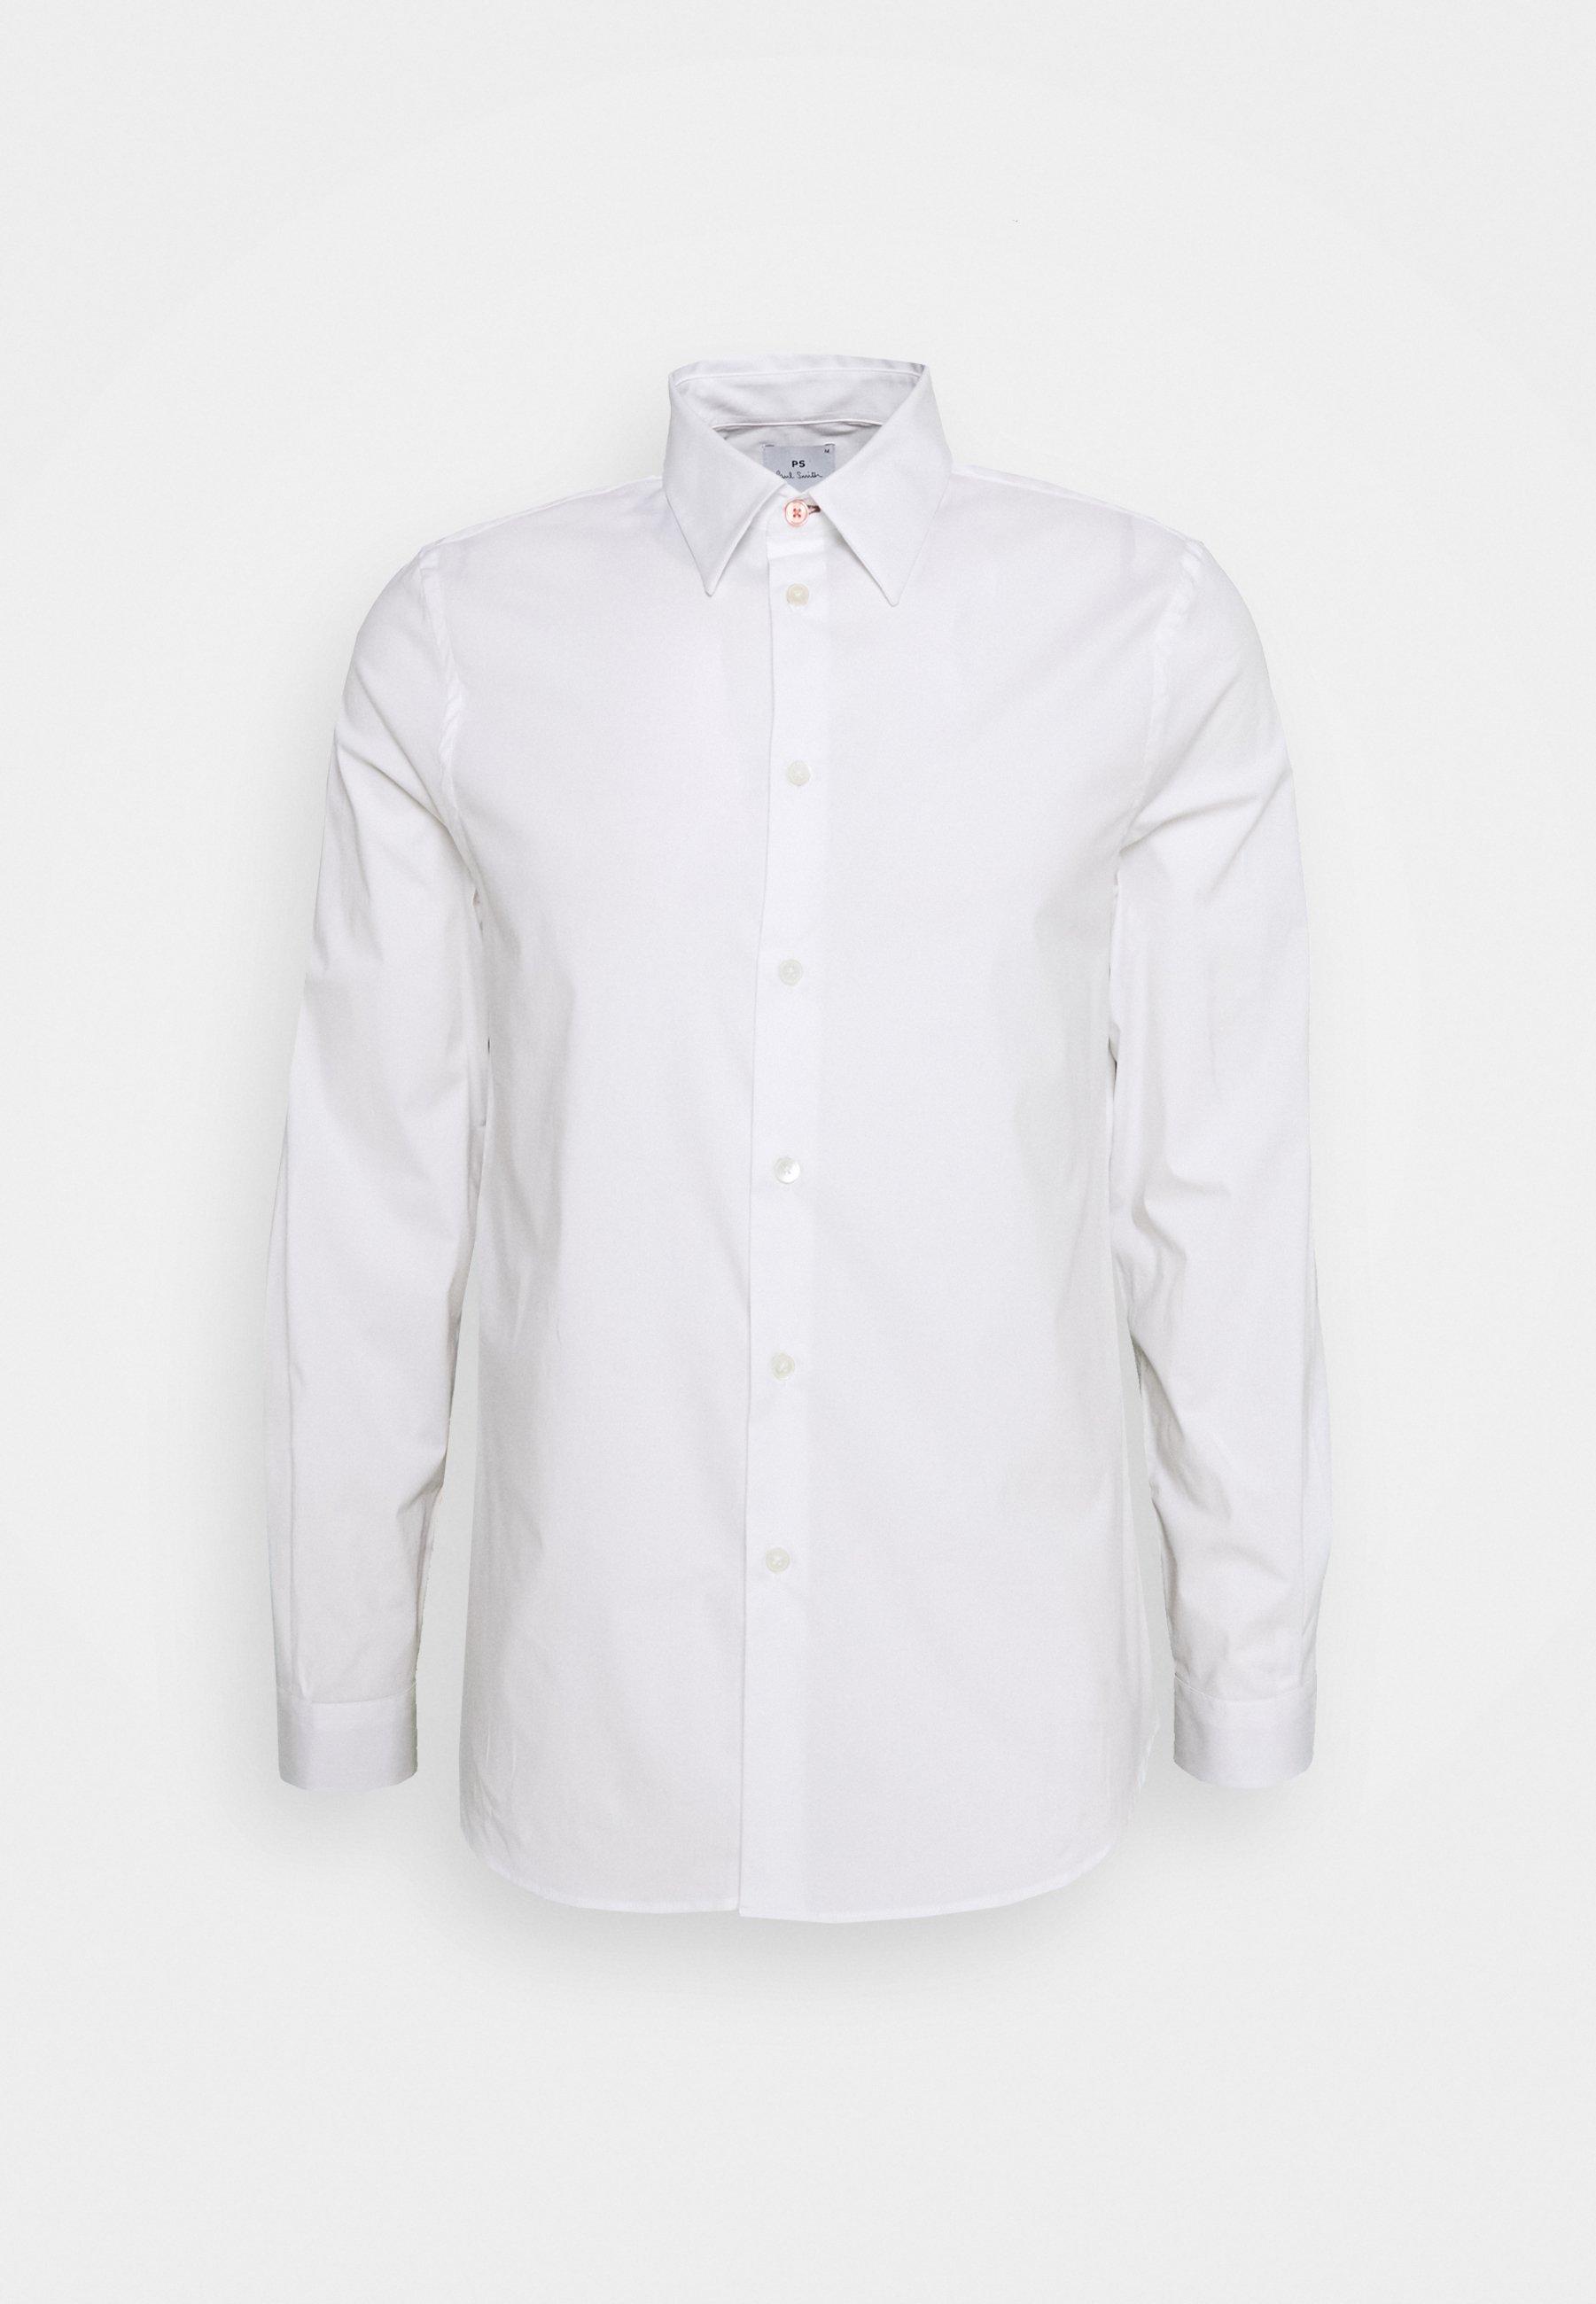 Koszule męskie Paul Smith na każdą okazję w Zalando  H1qYe